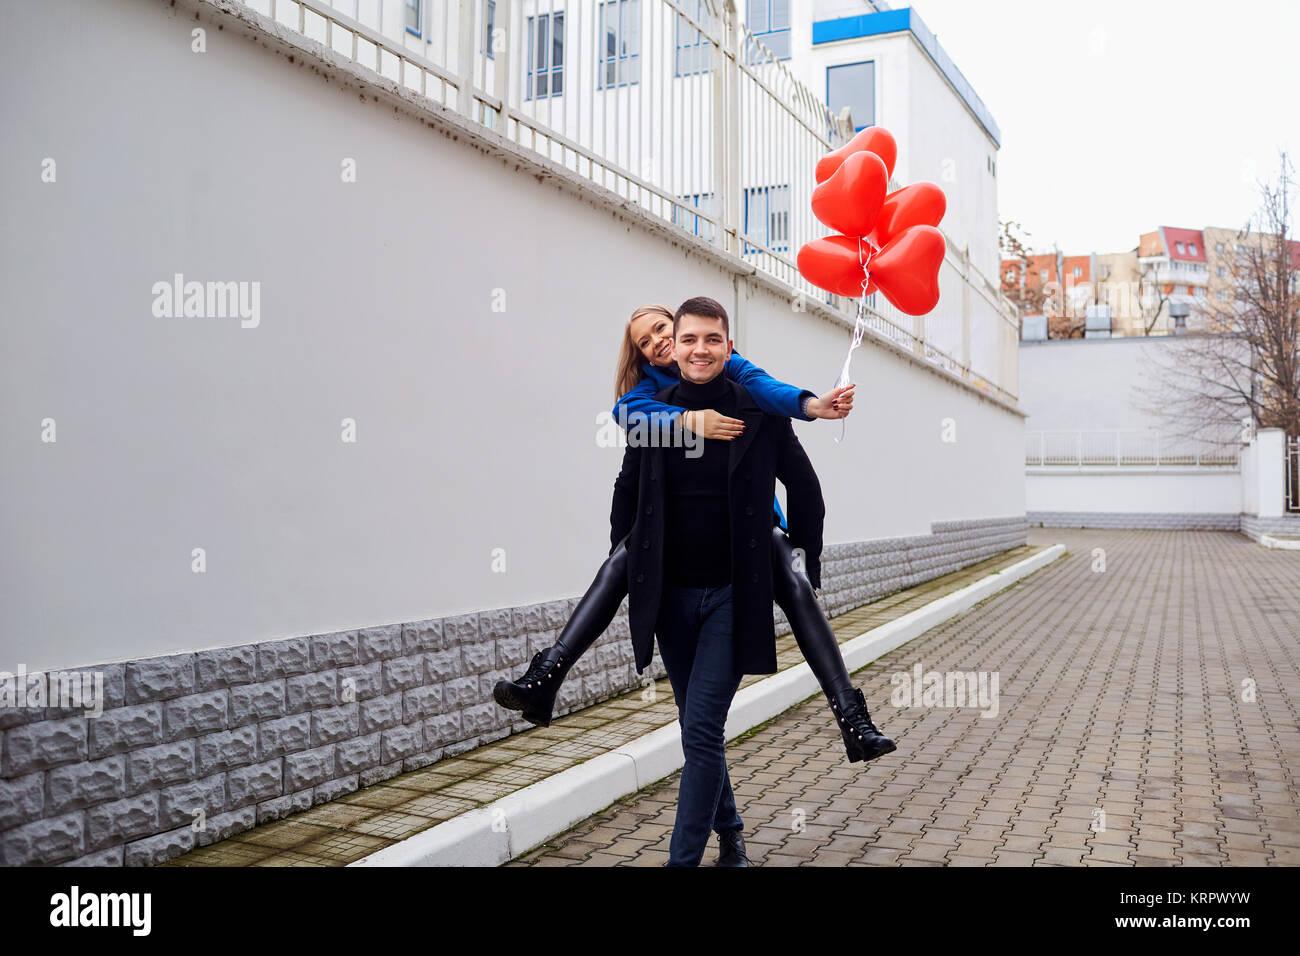 Fille sur le dos de gars avec des ballons coeur rouge dans la rue. Photo Stock